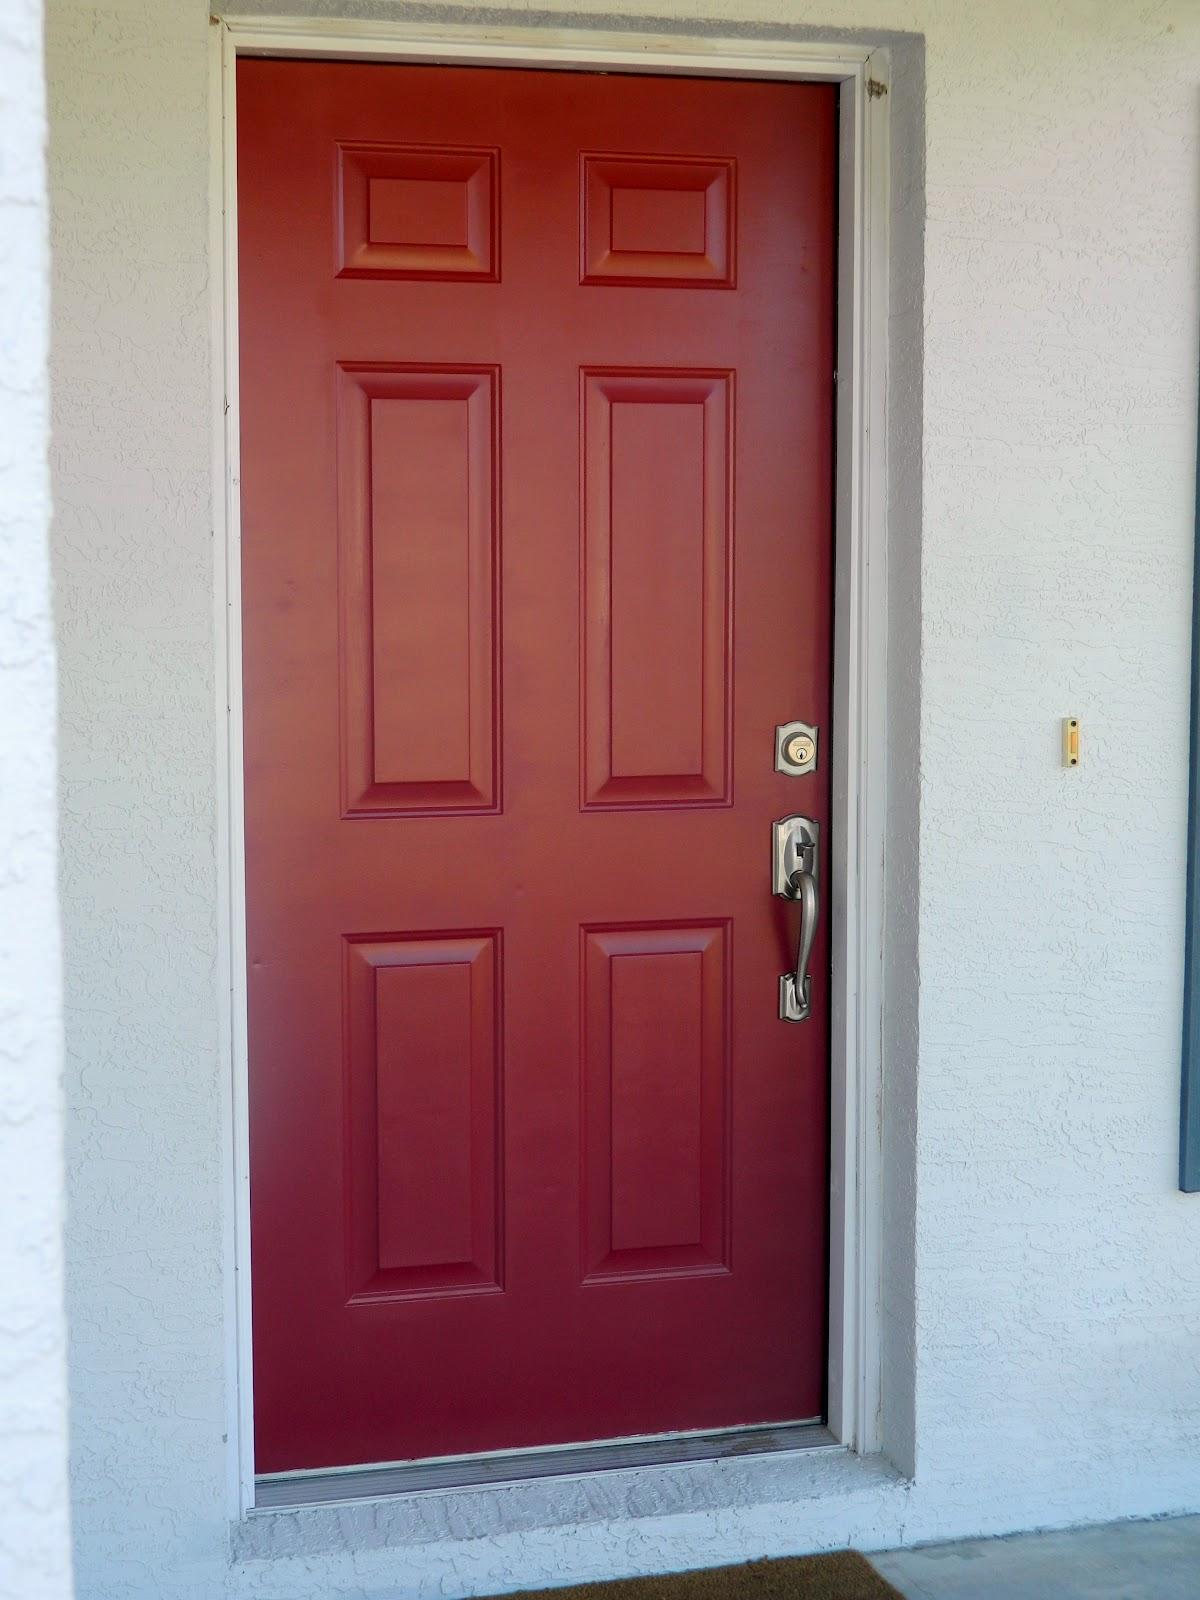 1600 #802E32 Front Door Progress wallpaper Colors Of Front Doors 47251200